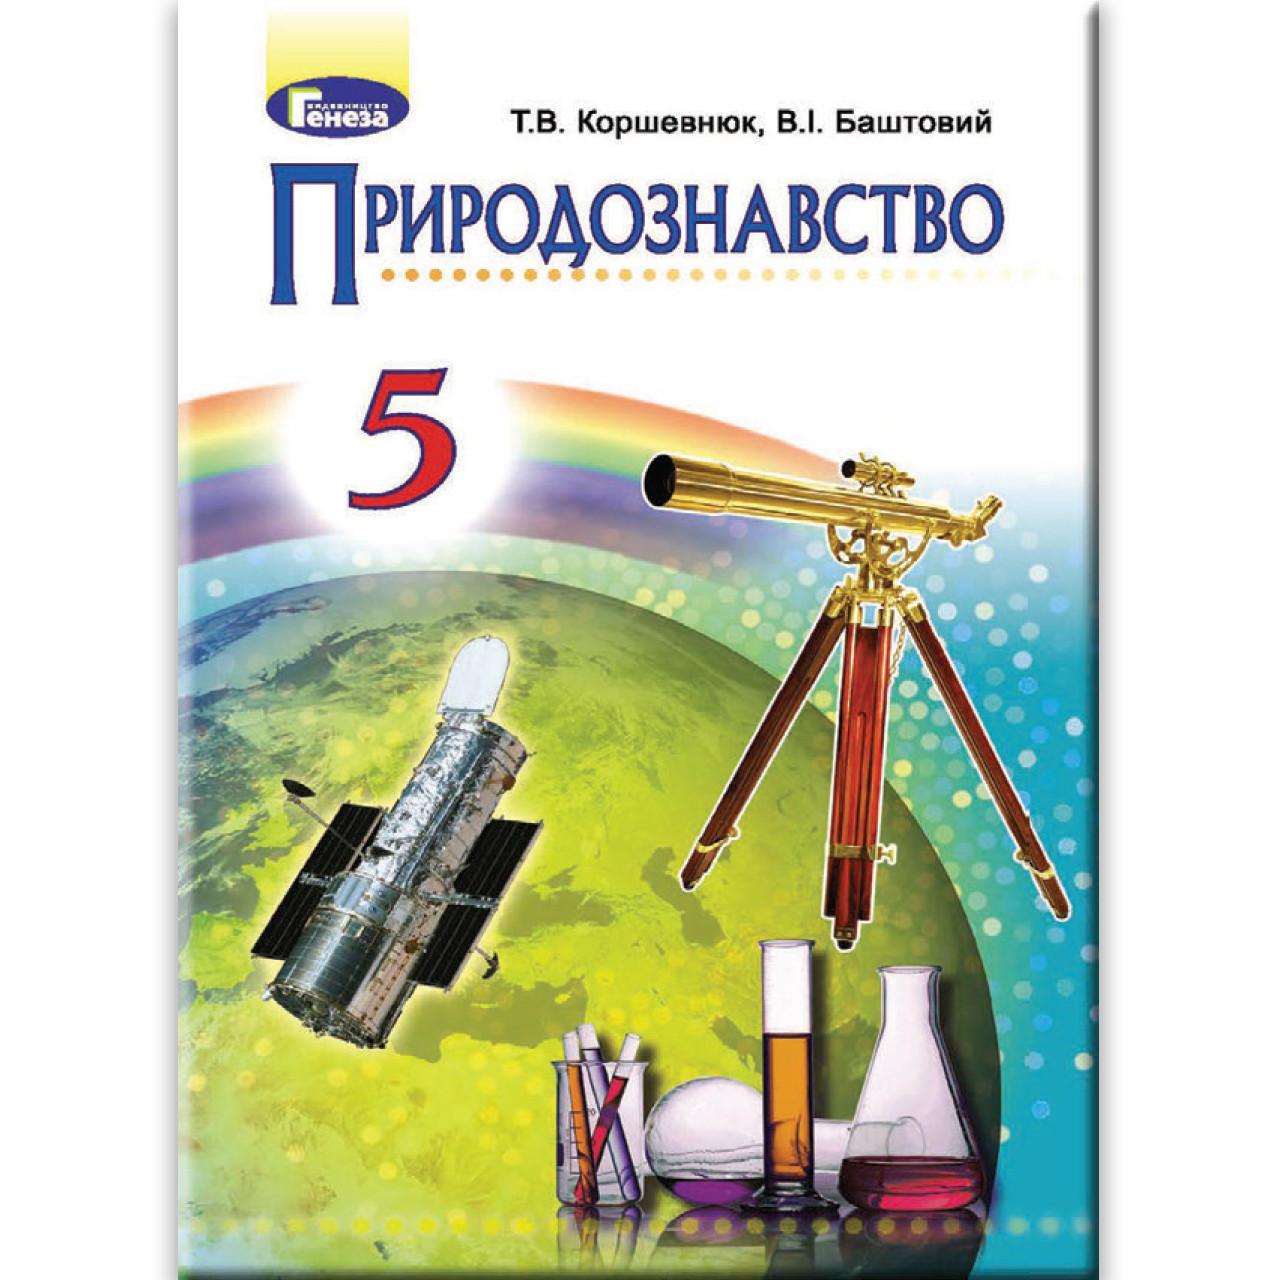 Підручник Природознавство 5 клас Авт: Коршевнюк Т. Баштовий В. Вид: Генеза